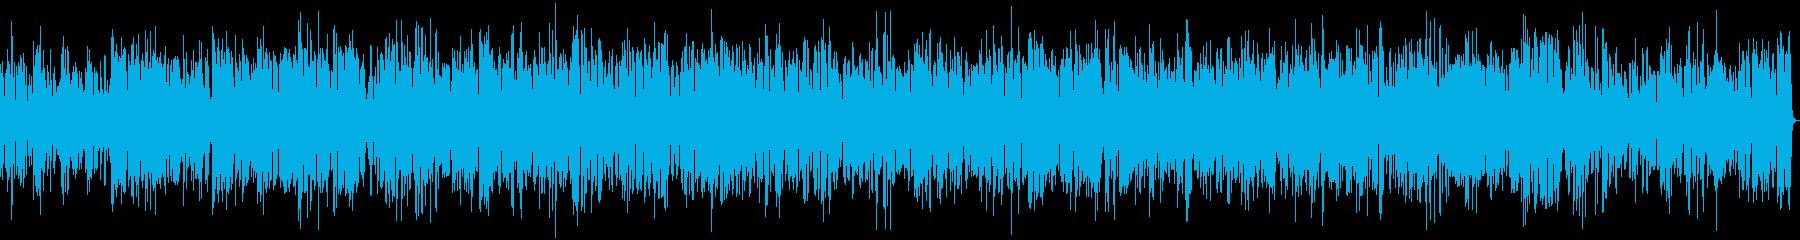 ボサノバ癒し系ビブラフォンとジャズピアノの再生済みの波形